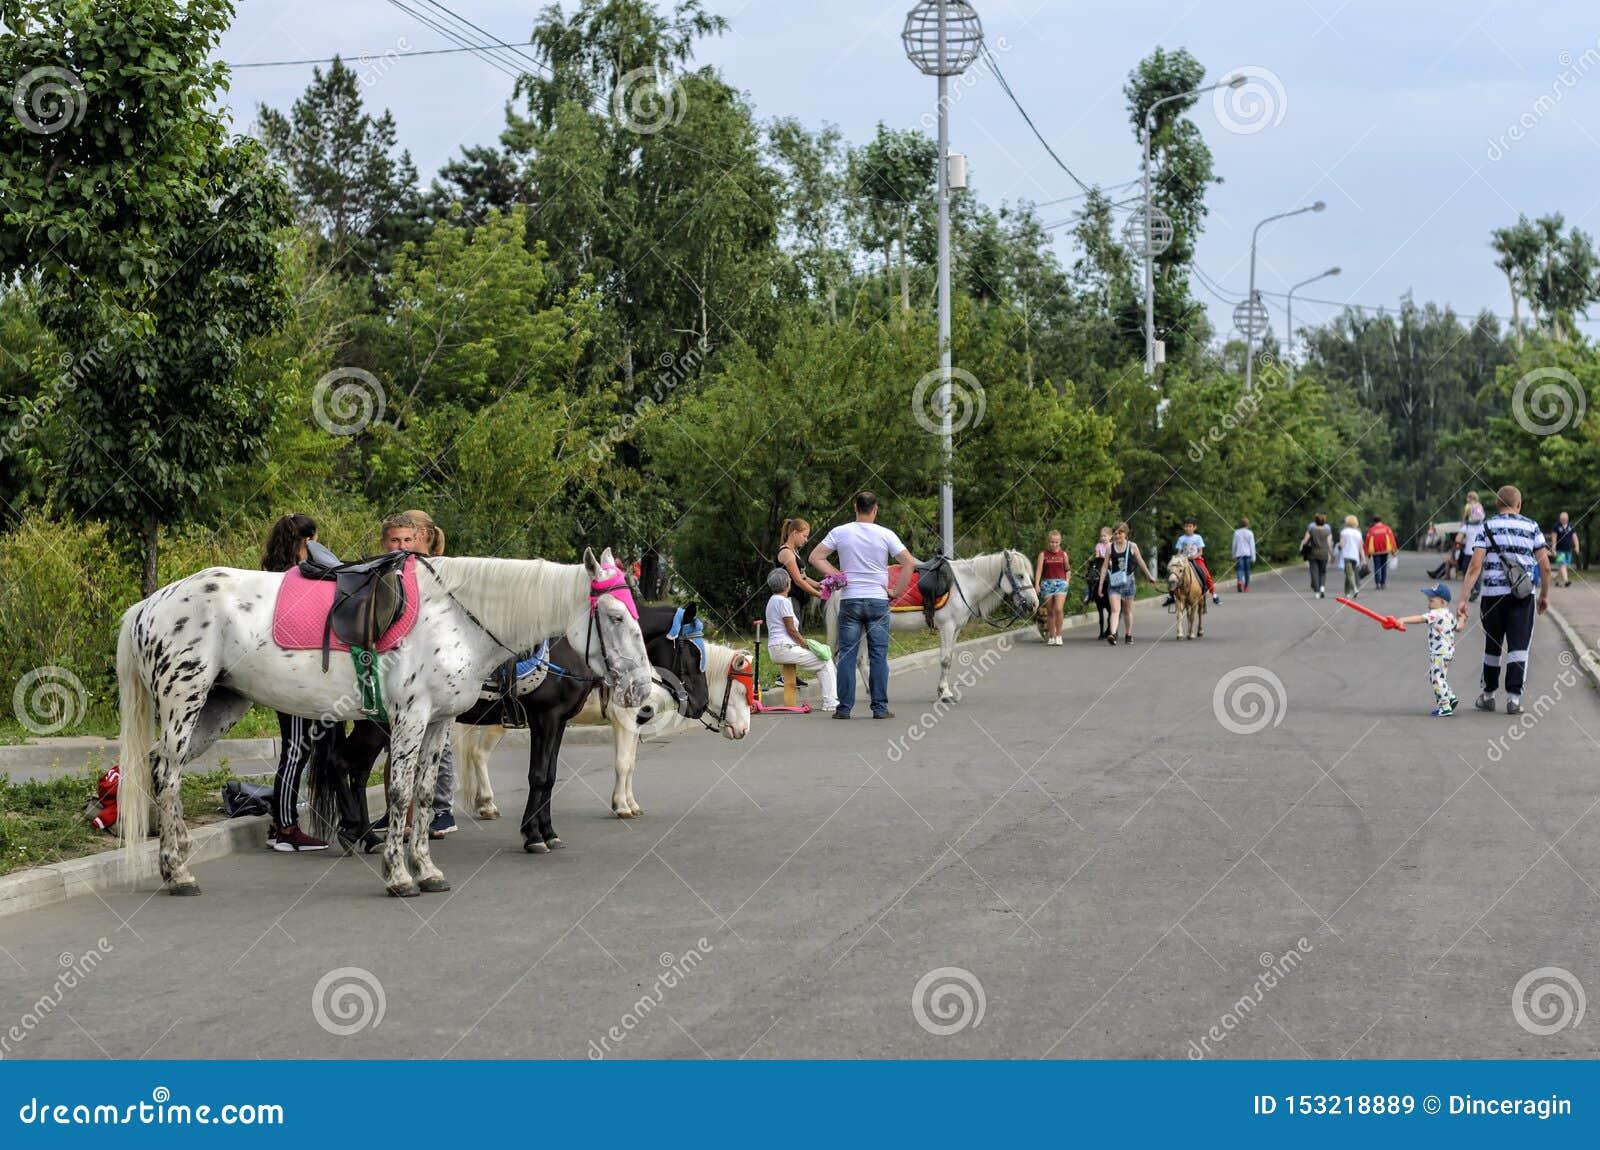 IRKUTSK, RUSSIA - 15 LUGLIO 2019: La gente sta camminando sulla via vicino ai cavalli